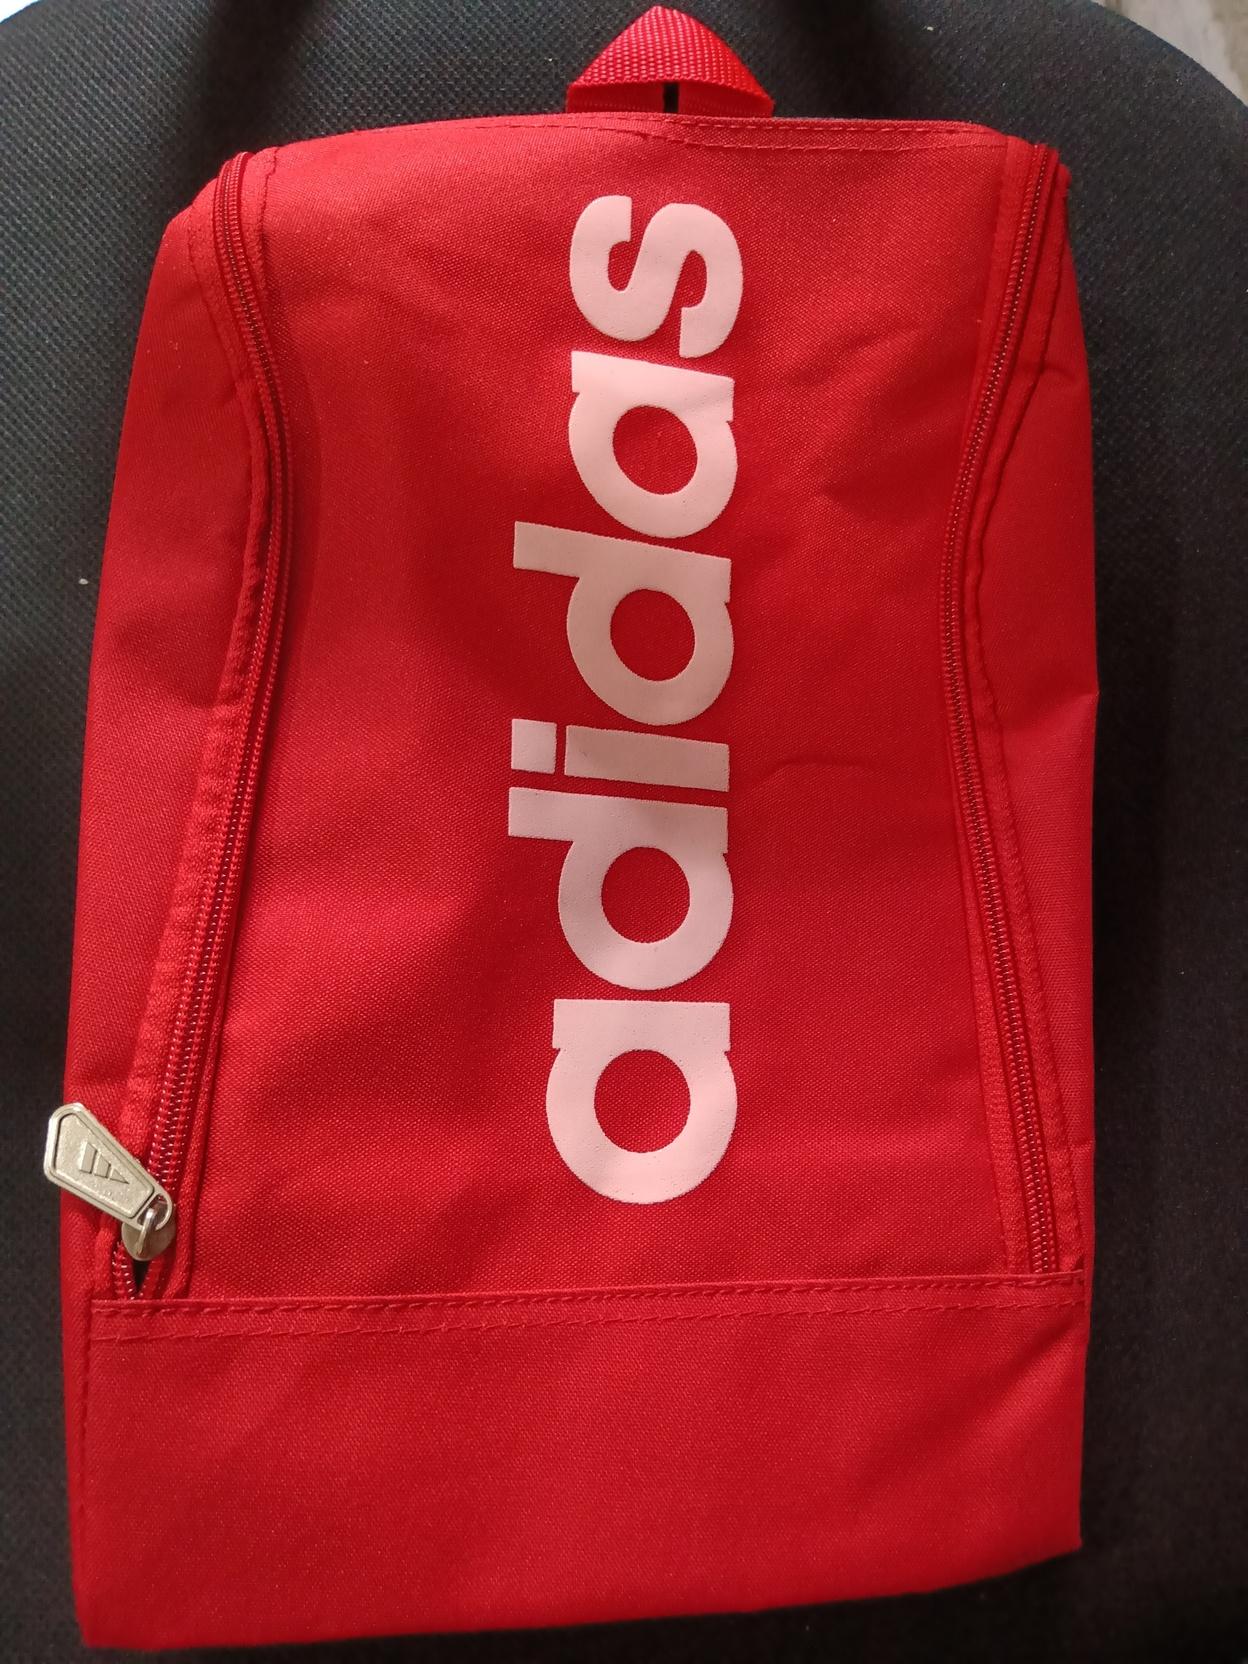 Tas sepatu futsal warna merah